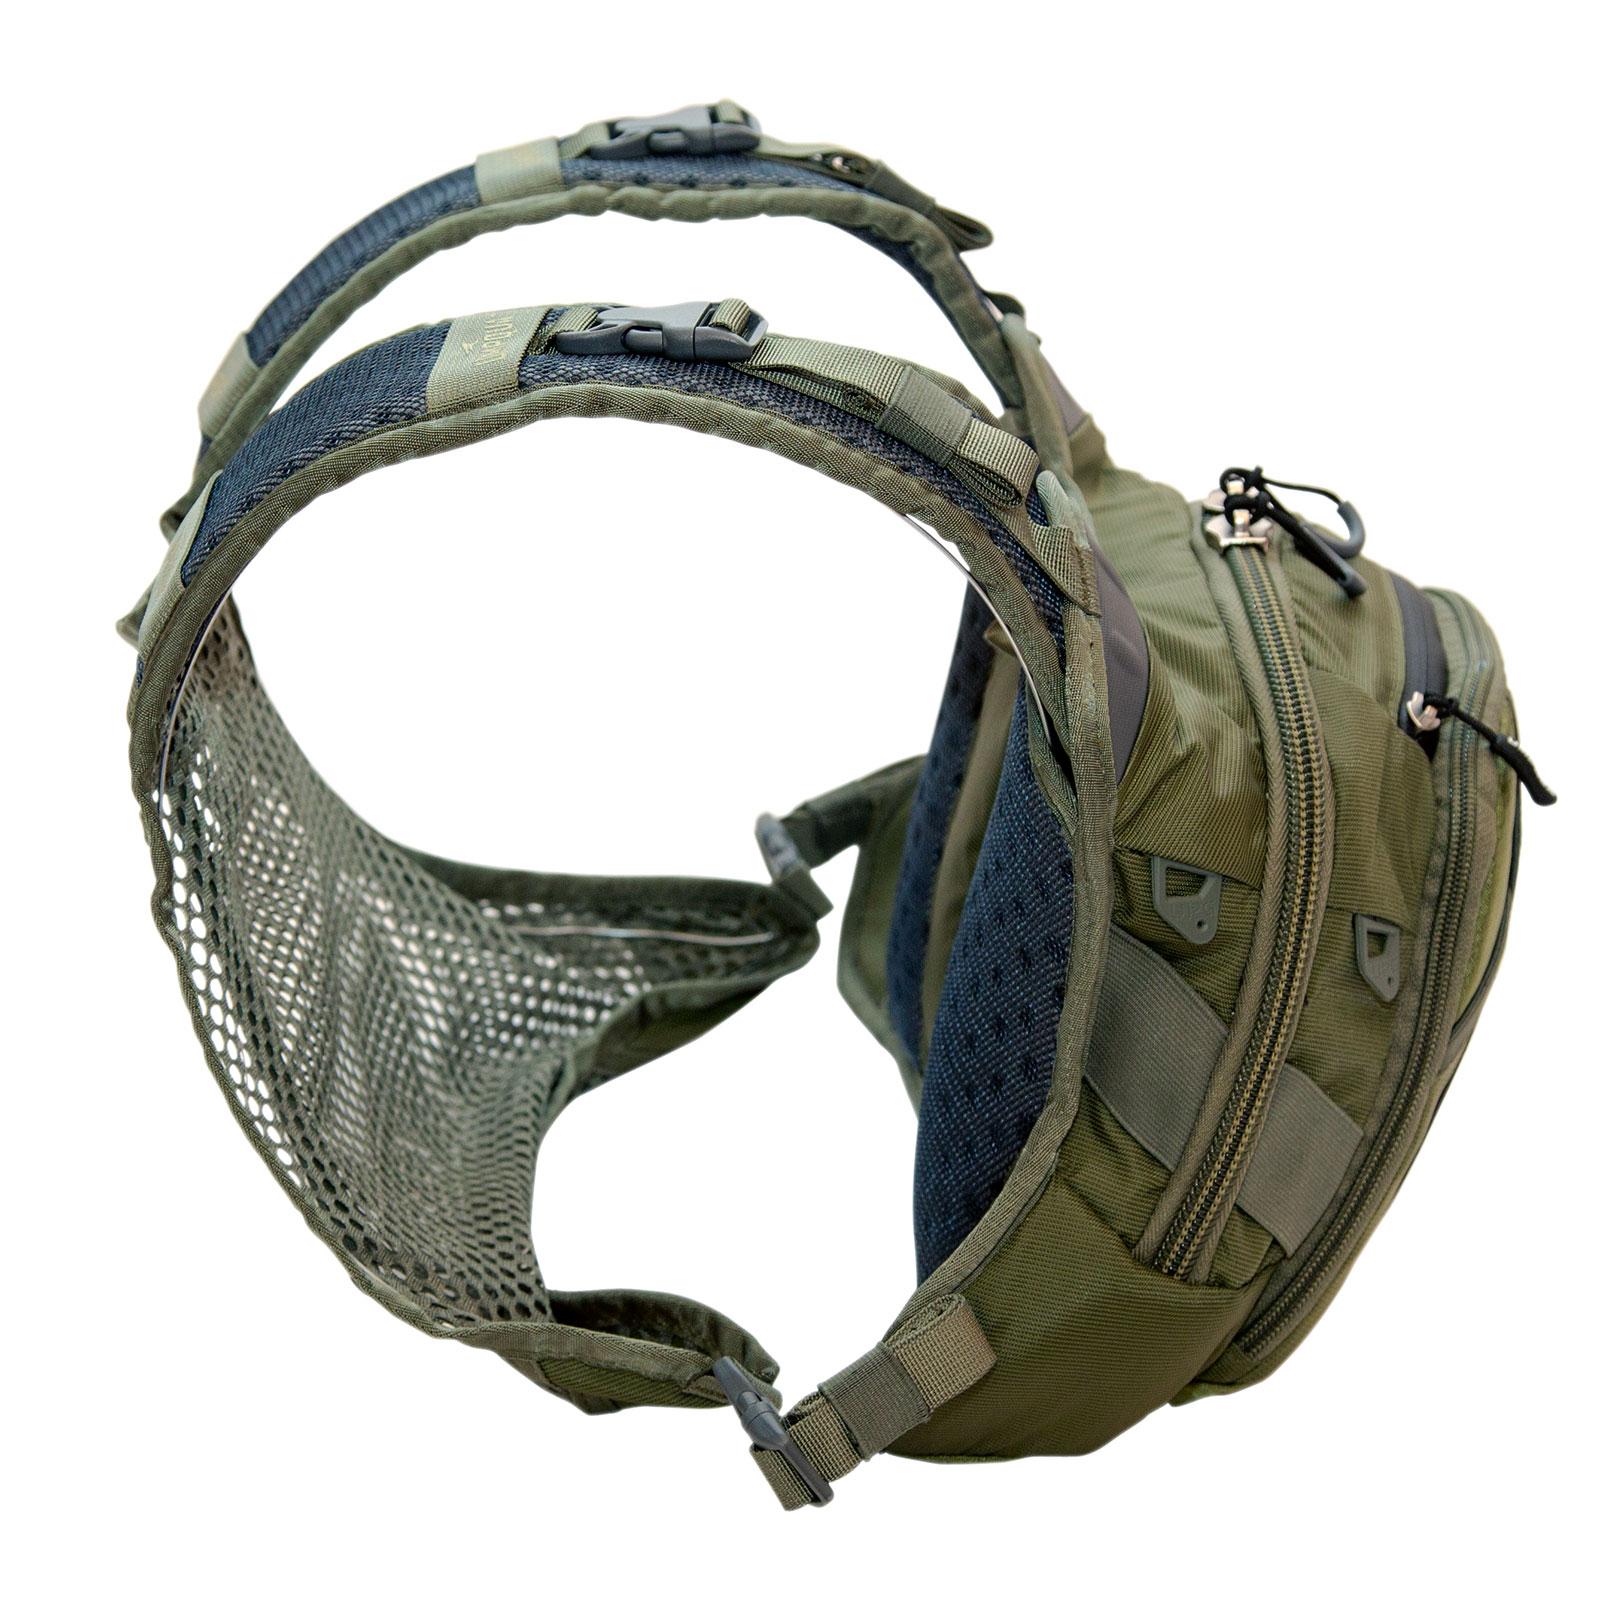 Umpqua overlook 500 chest pack for fly fishing bag new ebay for Fly fishing bag